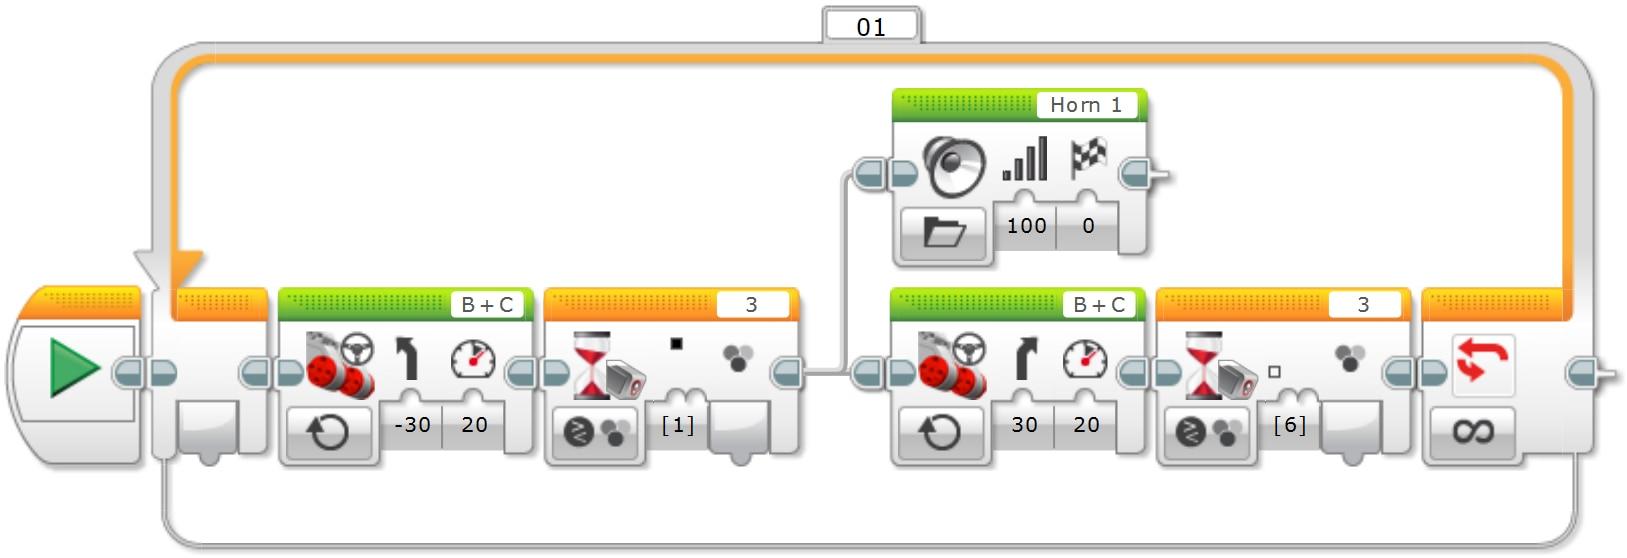 Line Detection - EV3 Coding Activities - Lesson Plans - LEGO Education